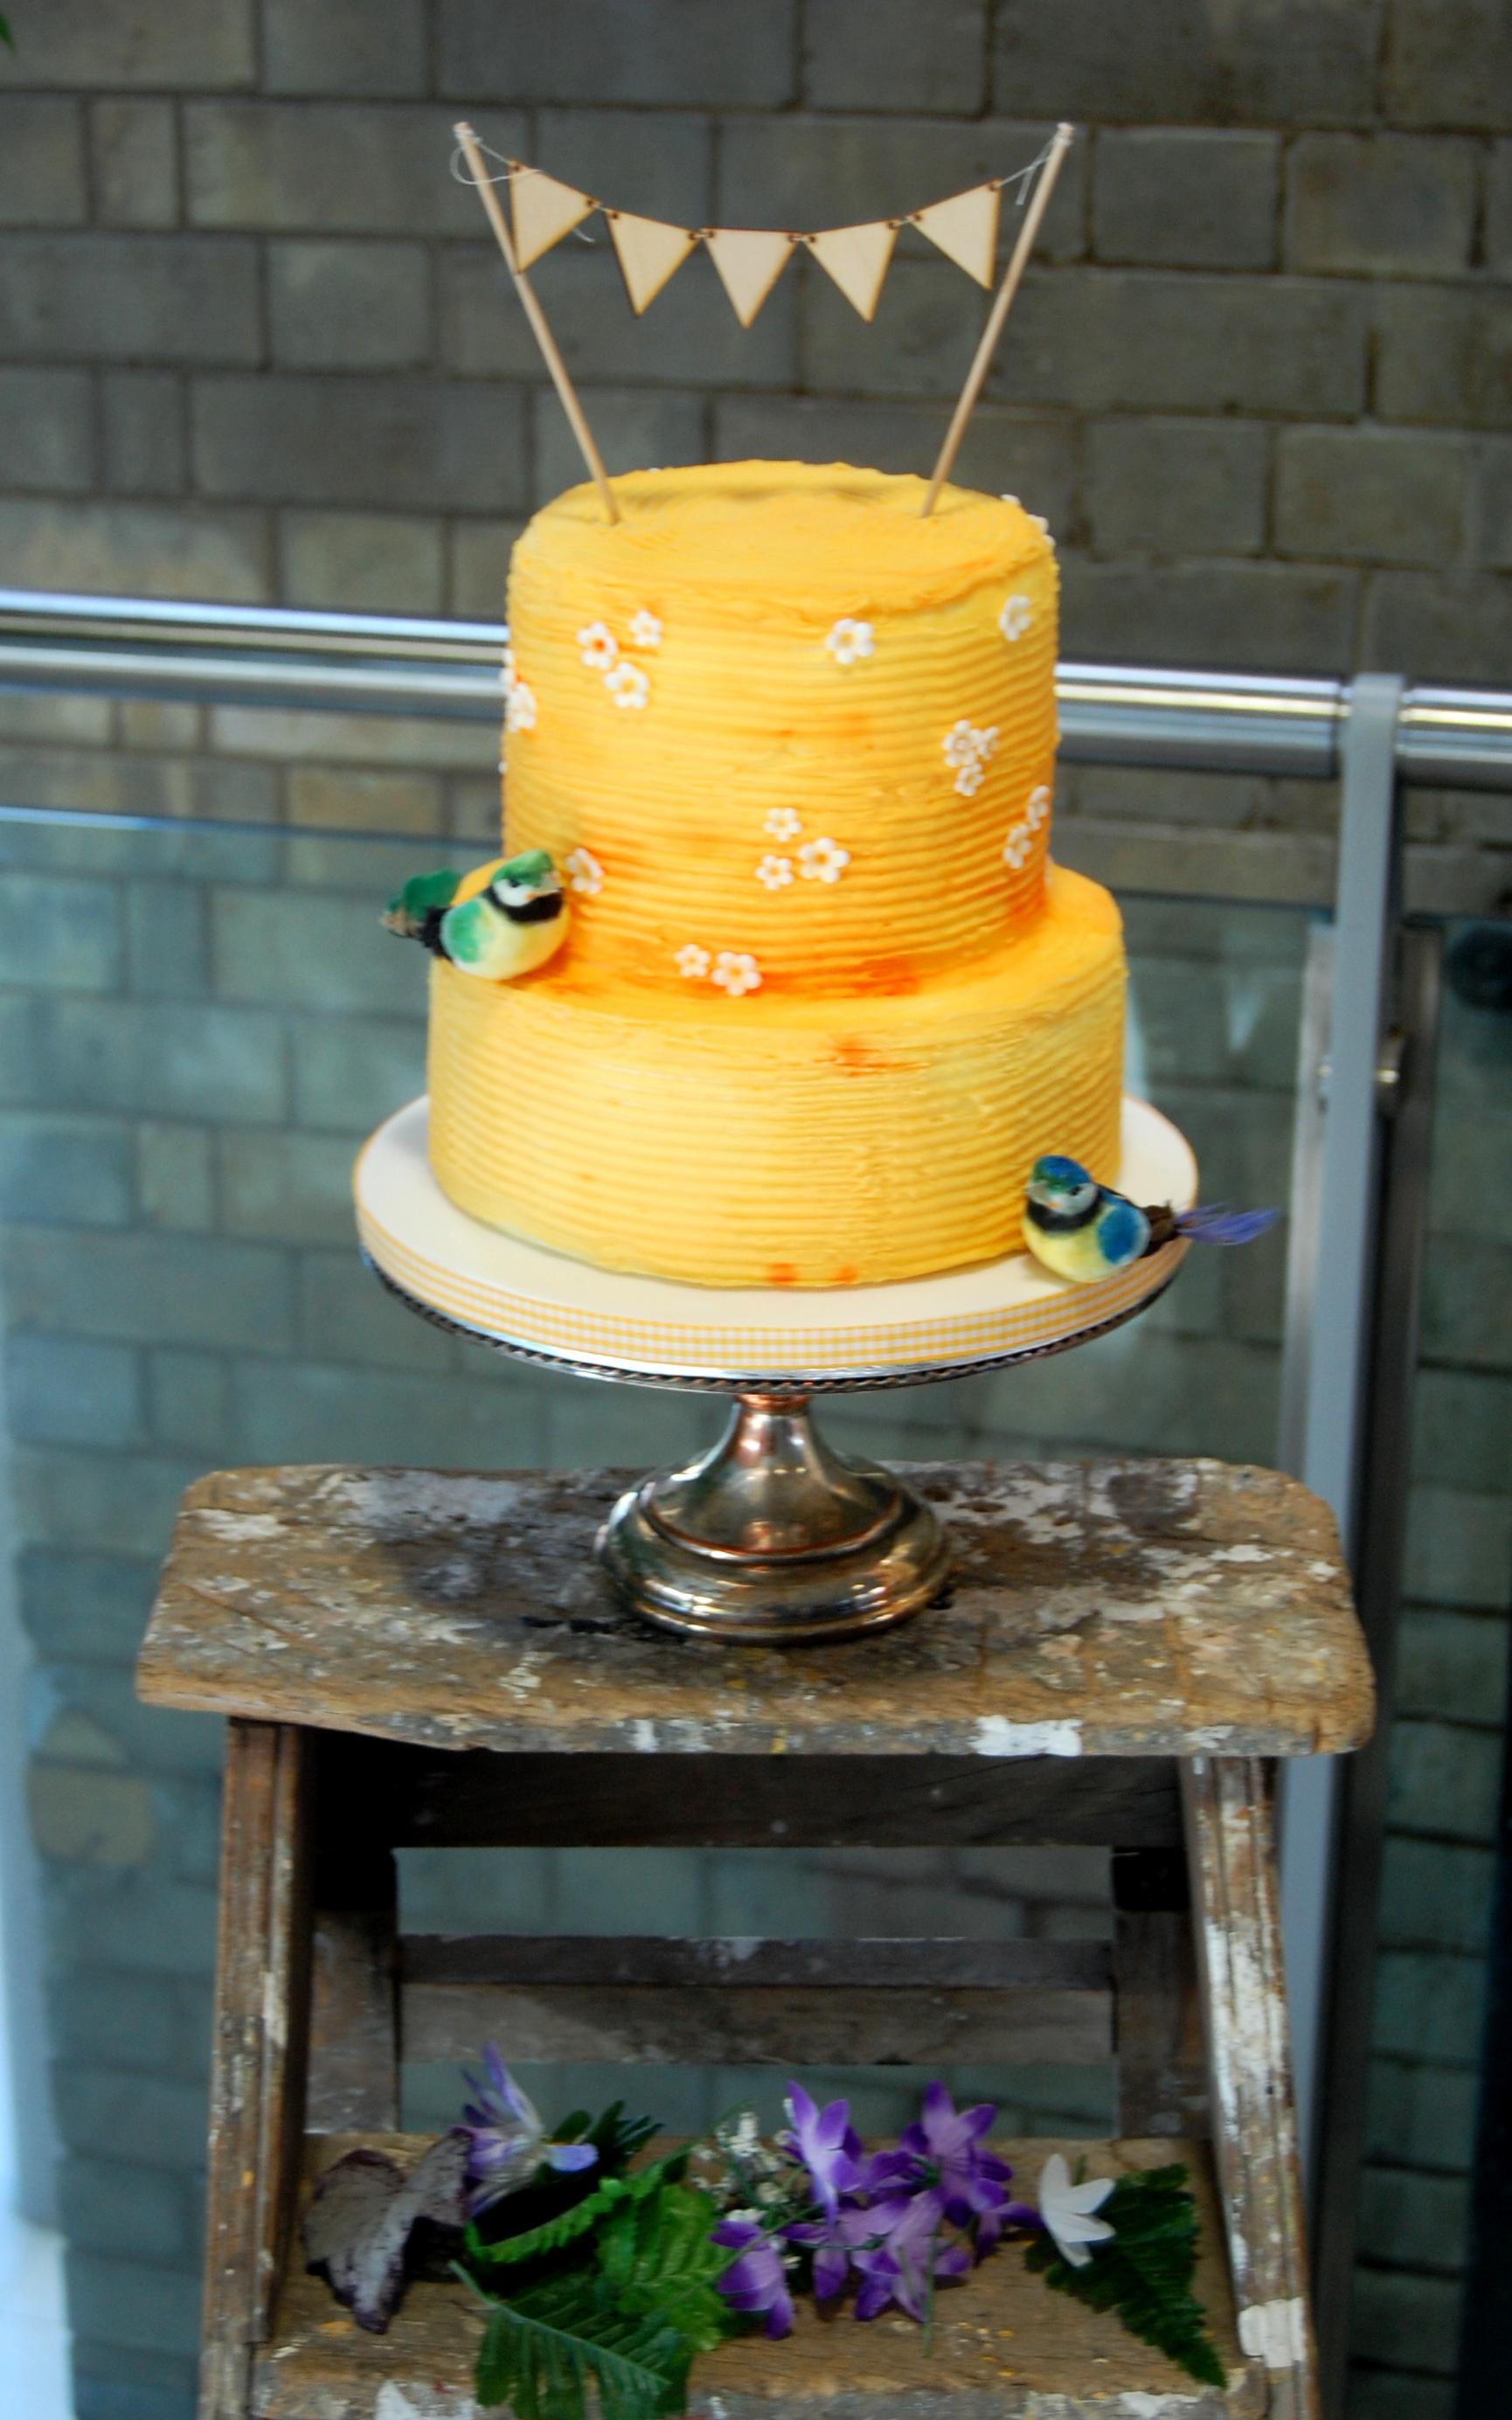 Blog | Green Kitchen Cakes, Nottingham Wedding Cakes and Celebration ...